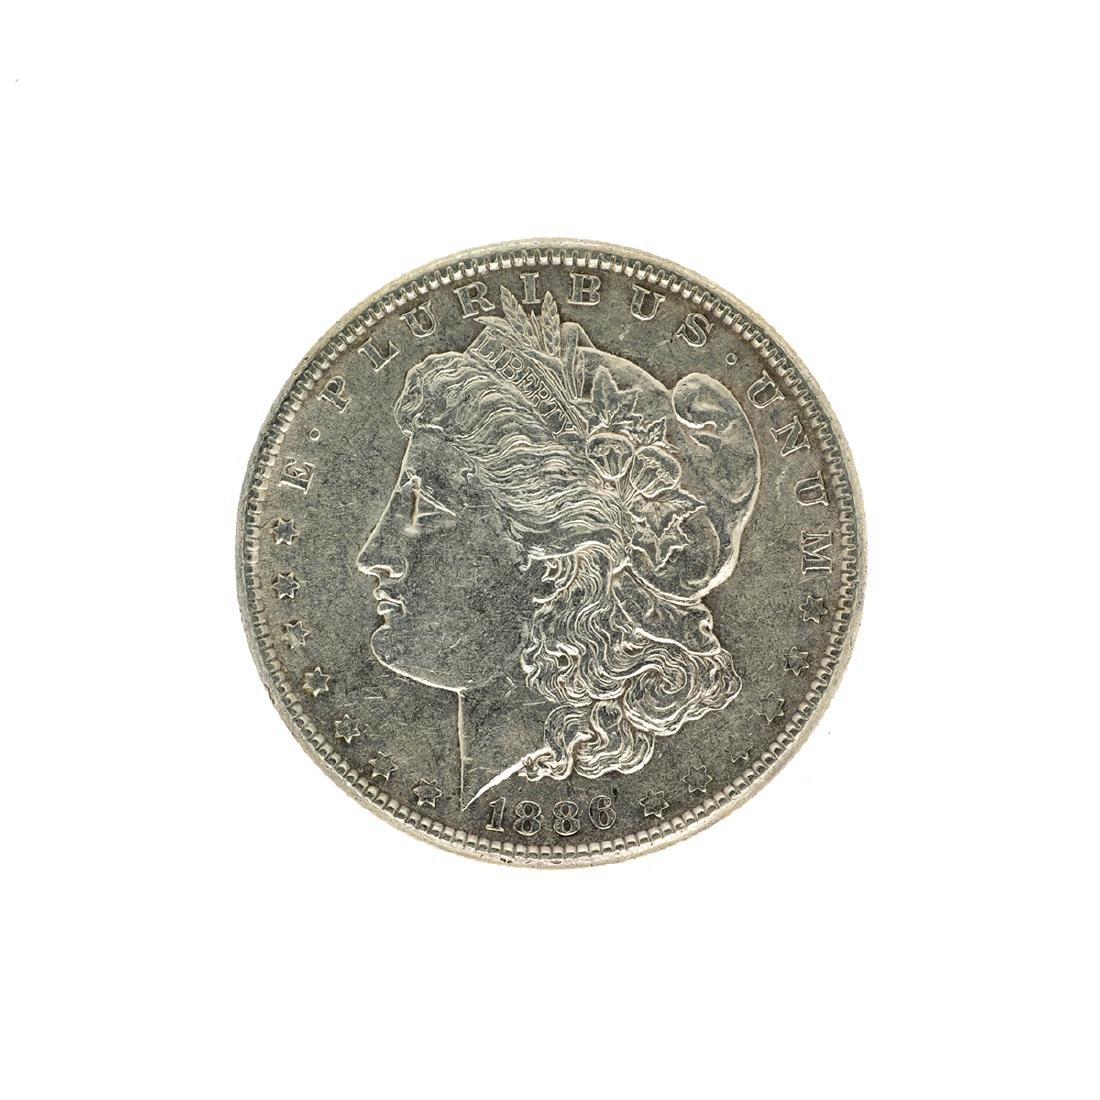 1886 Morgan Silver Dollar Coin